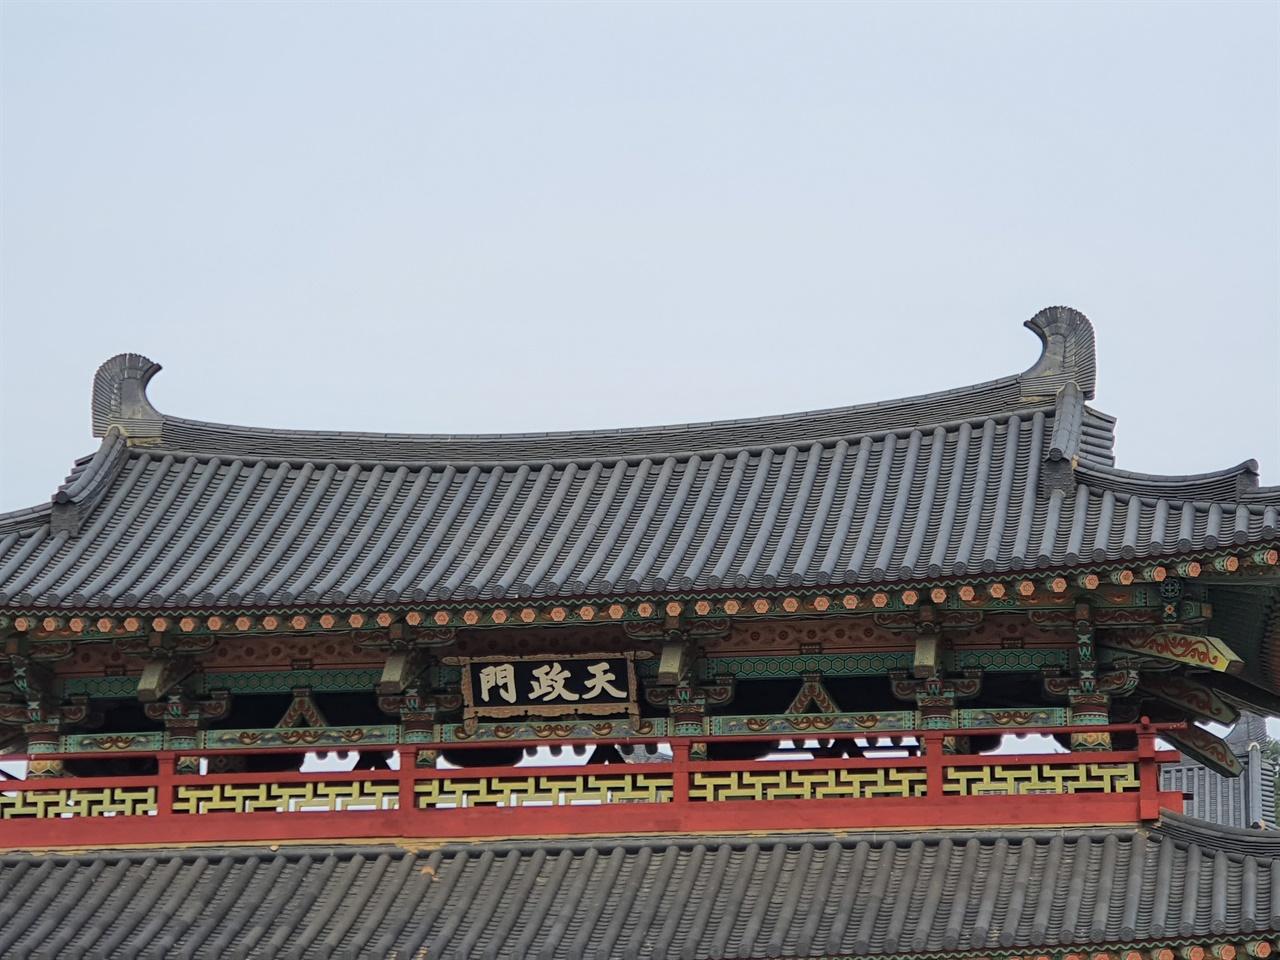 백제 역사 재현 단지는 치미의 왕국 백제역사를 한 눈에 볼수 있는 재현 단지에는 치미의 세계가 펼쳐져 있다